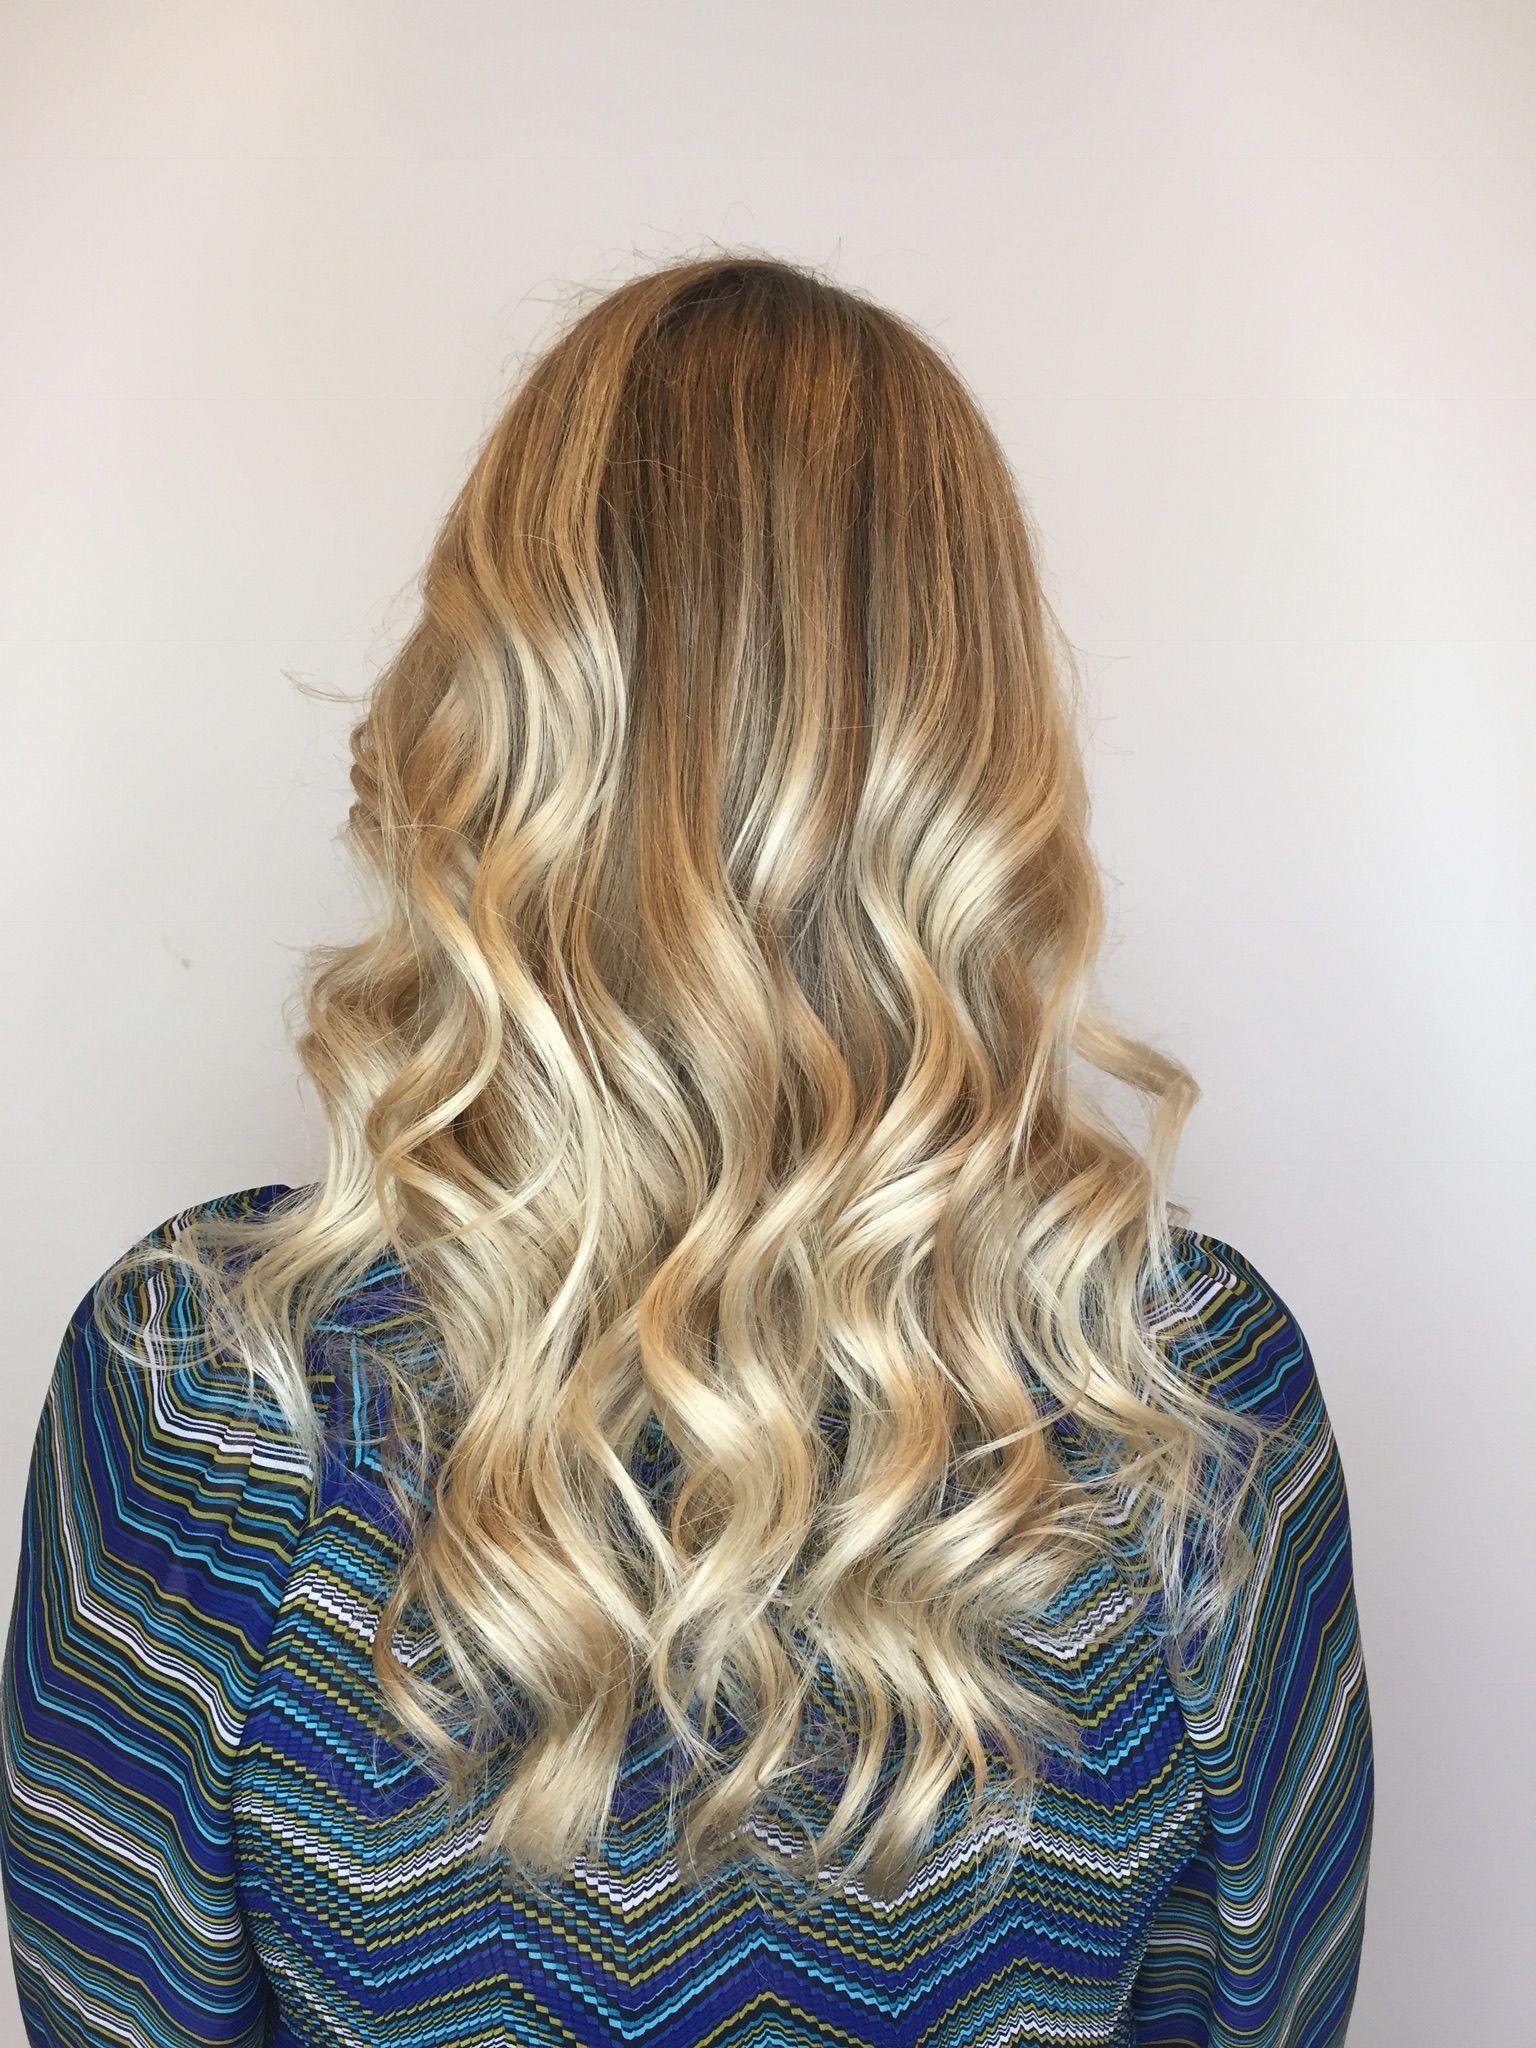 Golden Blonde Blonde Balayage Paintedhair Keune - Haircut missoula